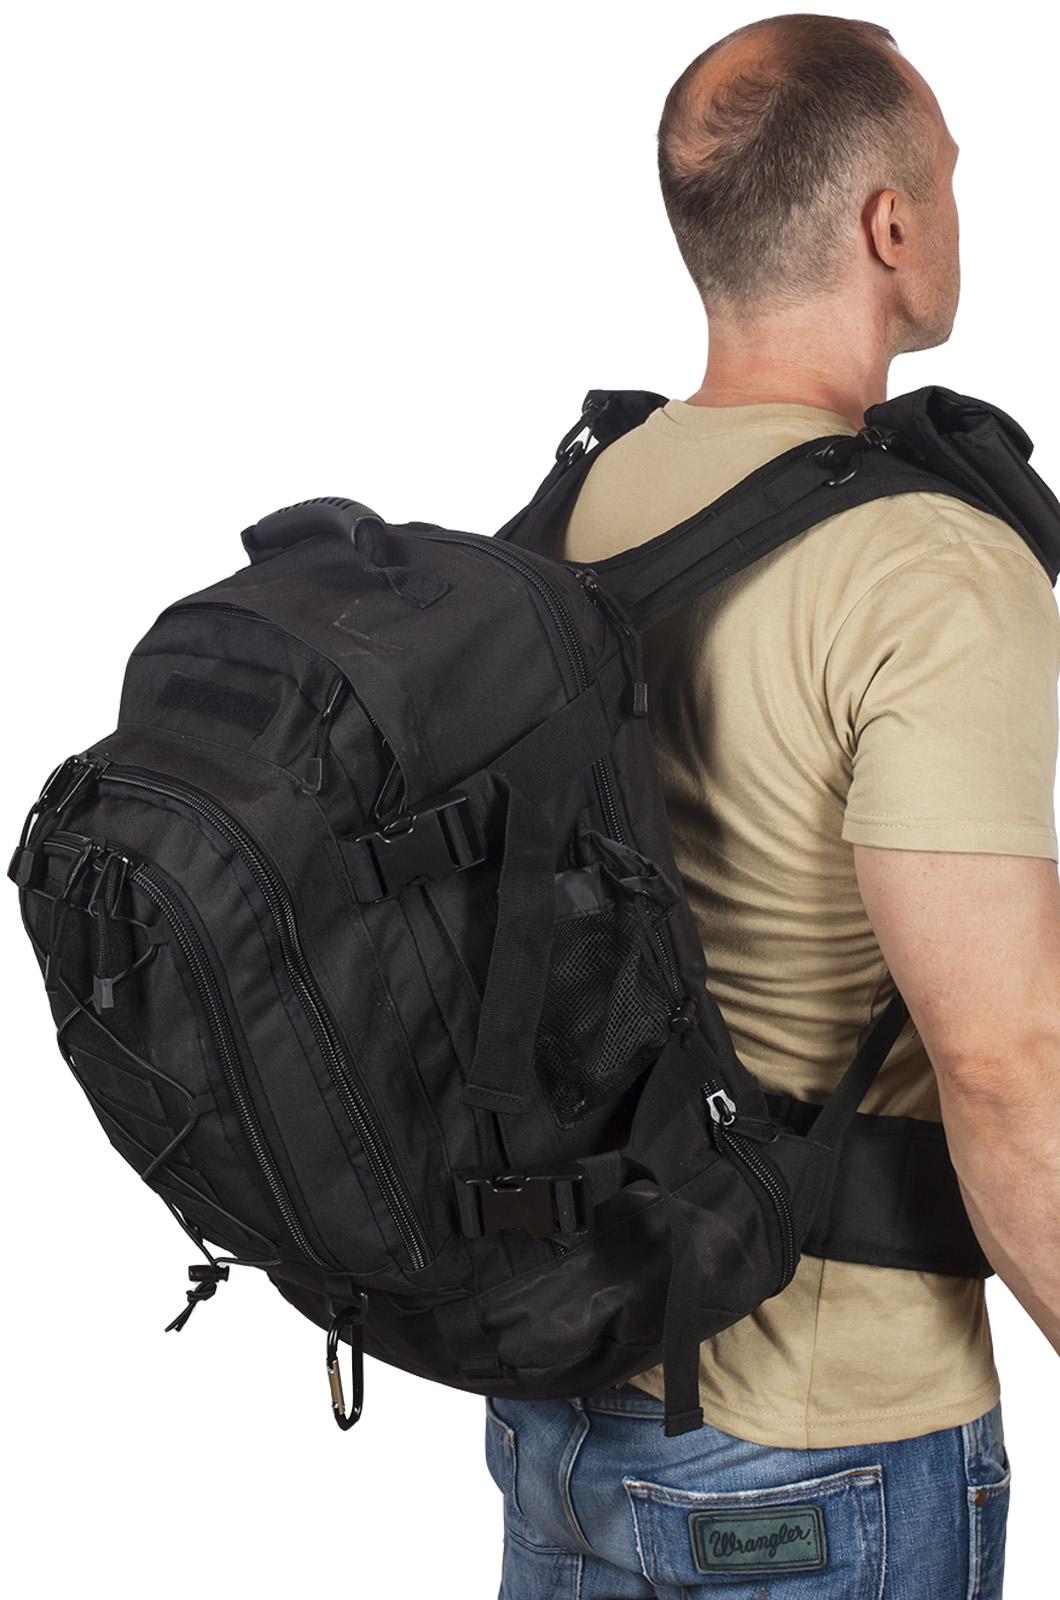 Черный тактический рюкзак с отделением для гидратора 3-Day Expandable Backpack Black высокого качества